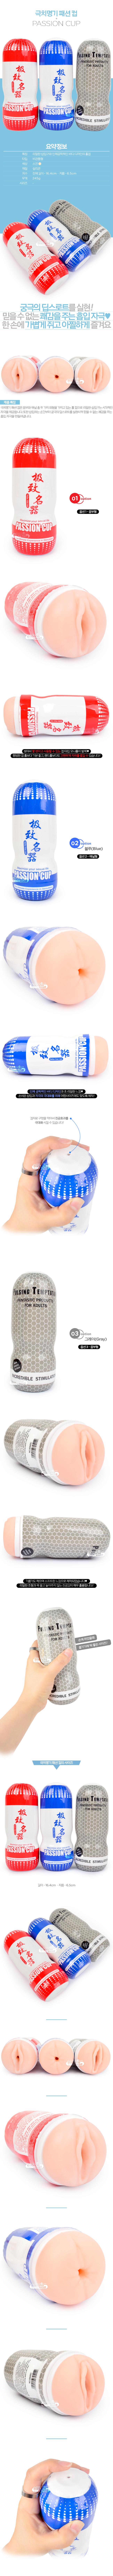 [홀컵] 극치명기 패션 컵(Passion Cup) - 00445 (JTN)